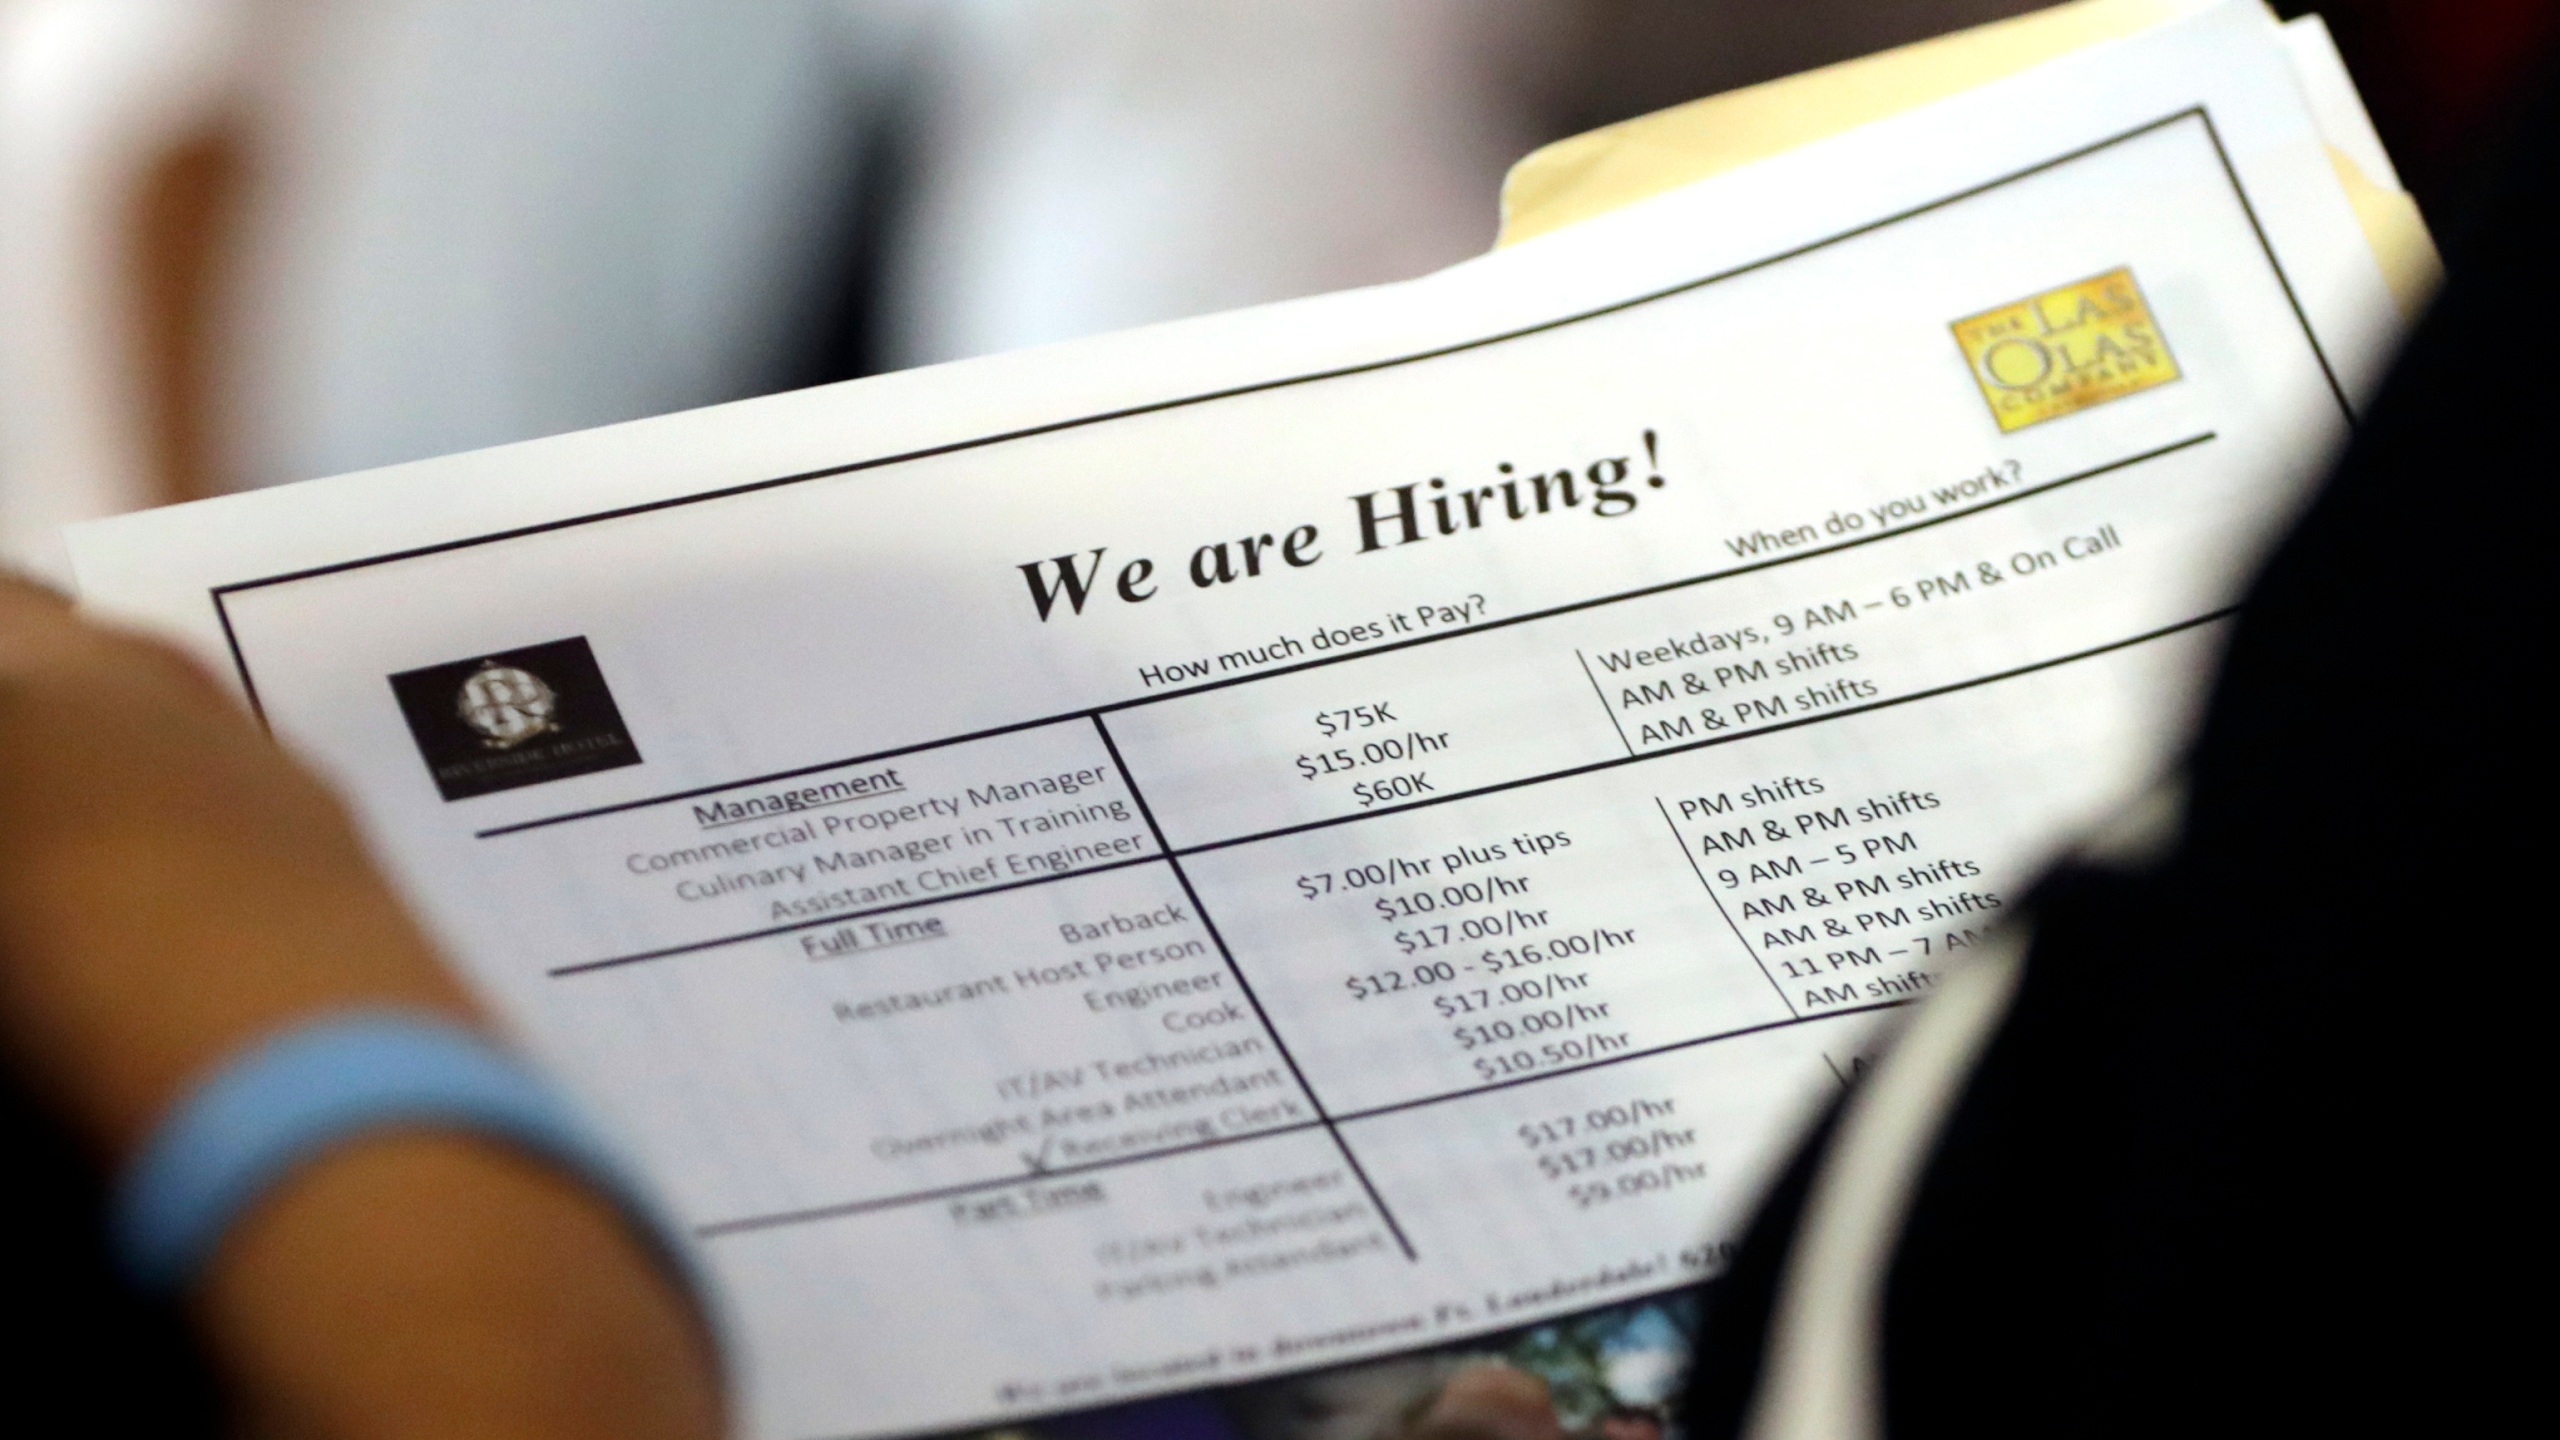 Economy_Jobs_Report_97057-159532.jpg78477282